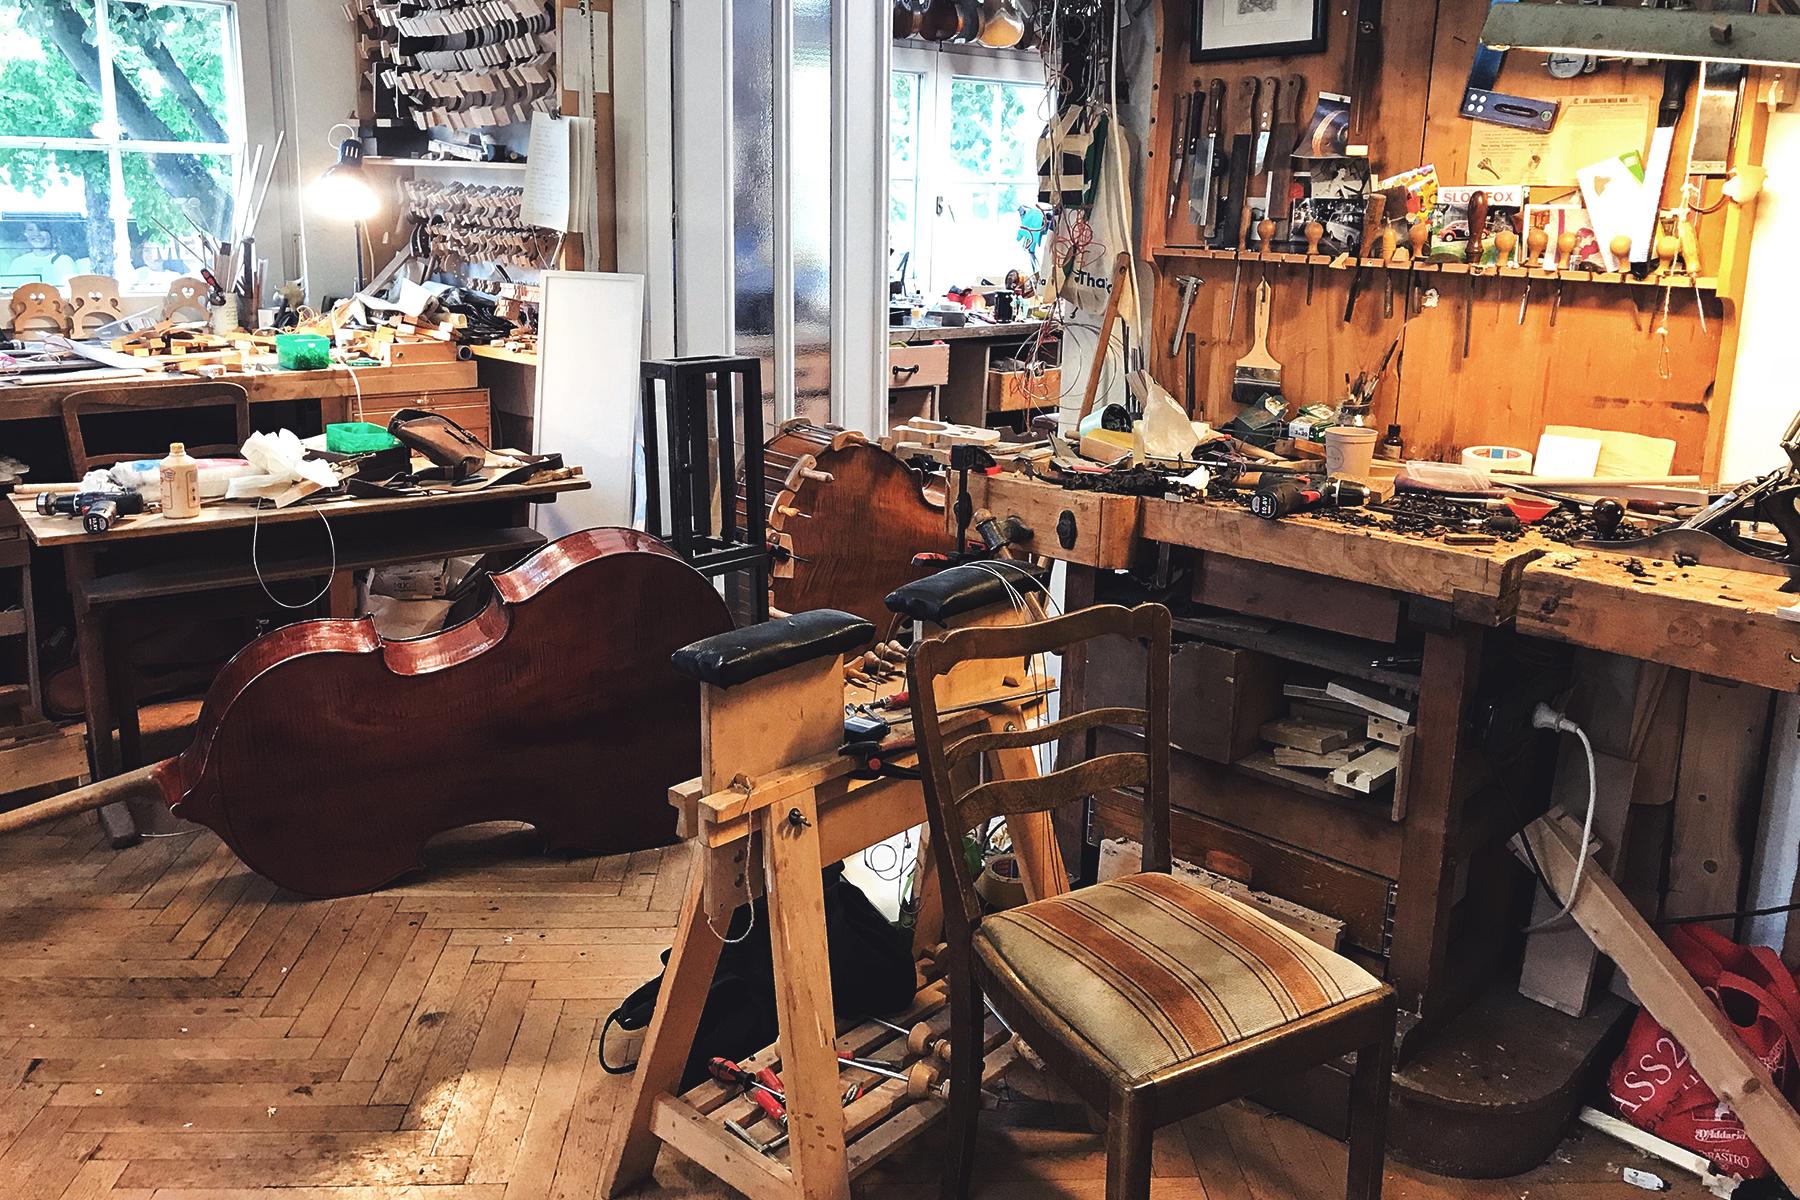 Geigenbau Kress Koeln 1 Artikel – ©Clara Schlicker